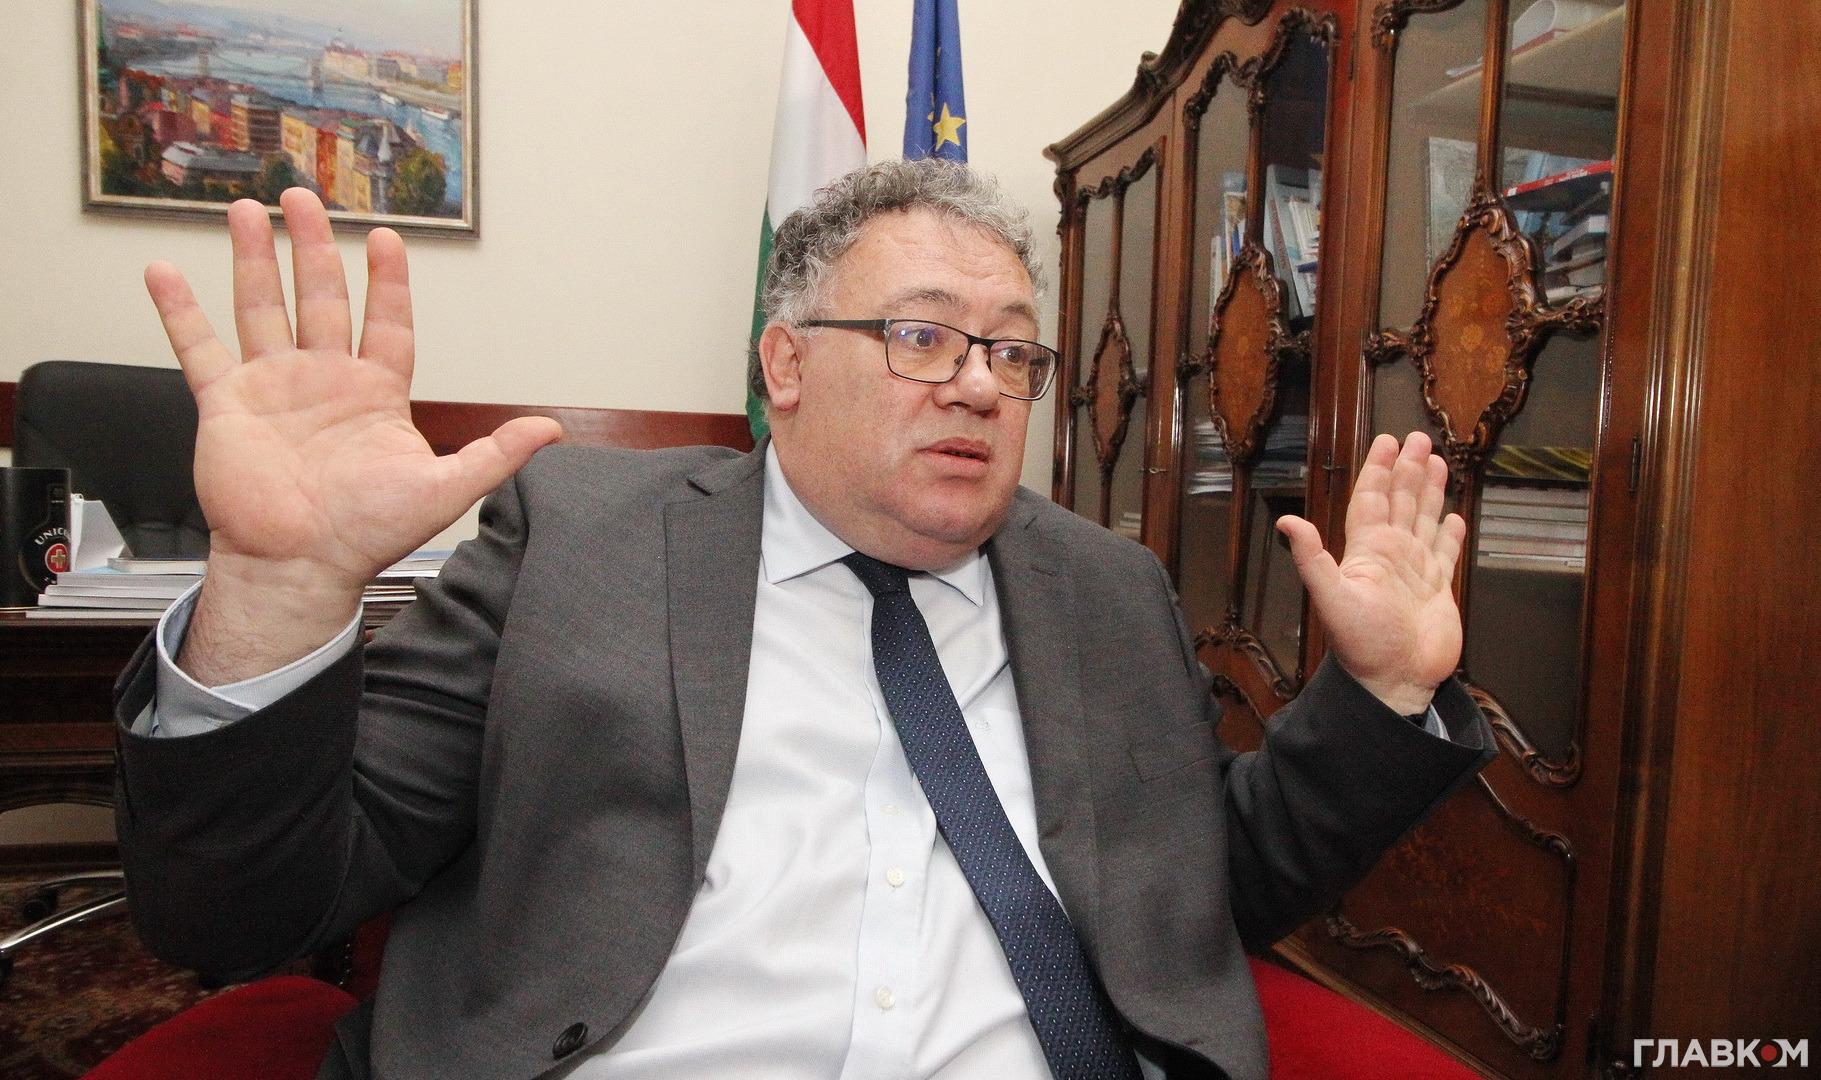 Посол Угорщини Іштван Ійдярто запевнив, що в Будапешта не може бути територіальних претензій до України, як і немає підстав для сепаратизму угорців Закарпаття.